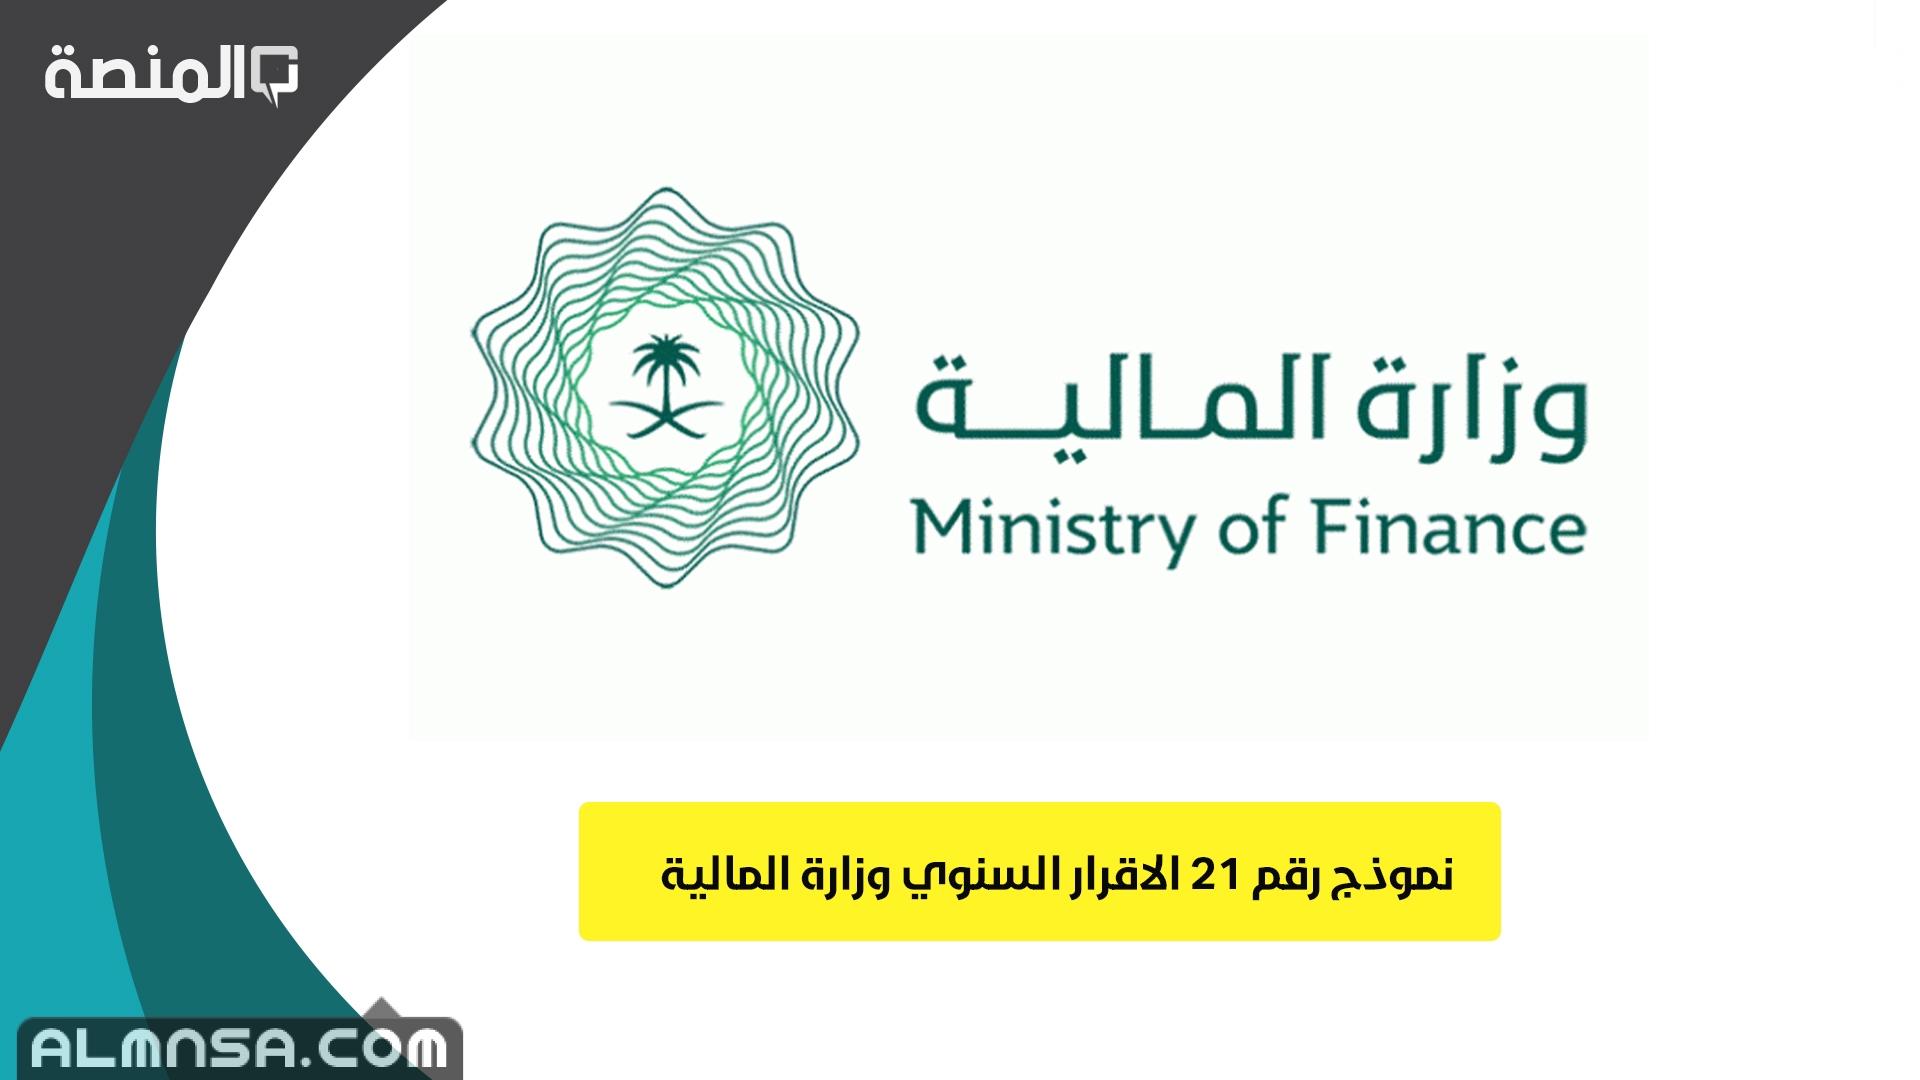 نموذج رقم 21 الاقرار السنوي وزارة المالية المنصة